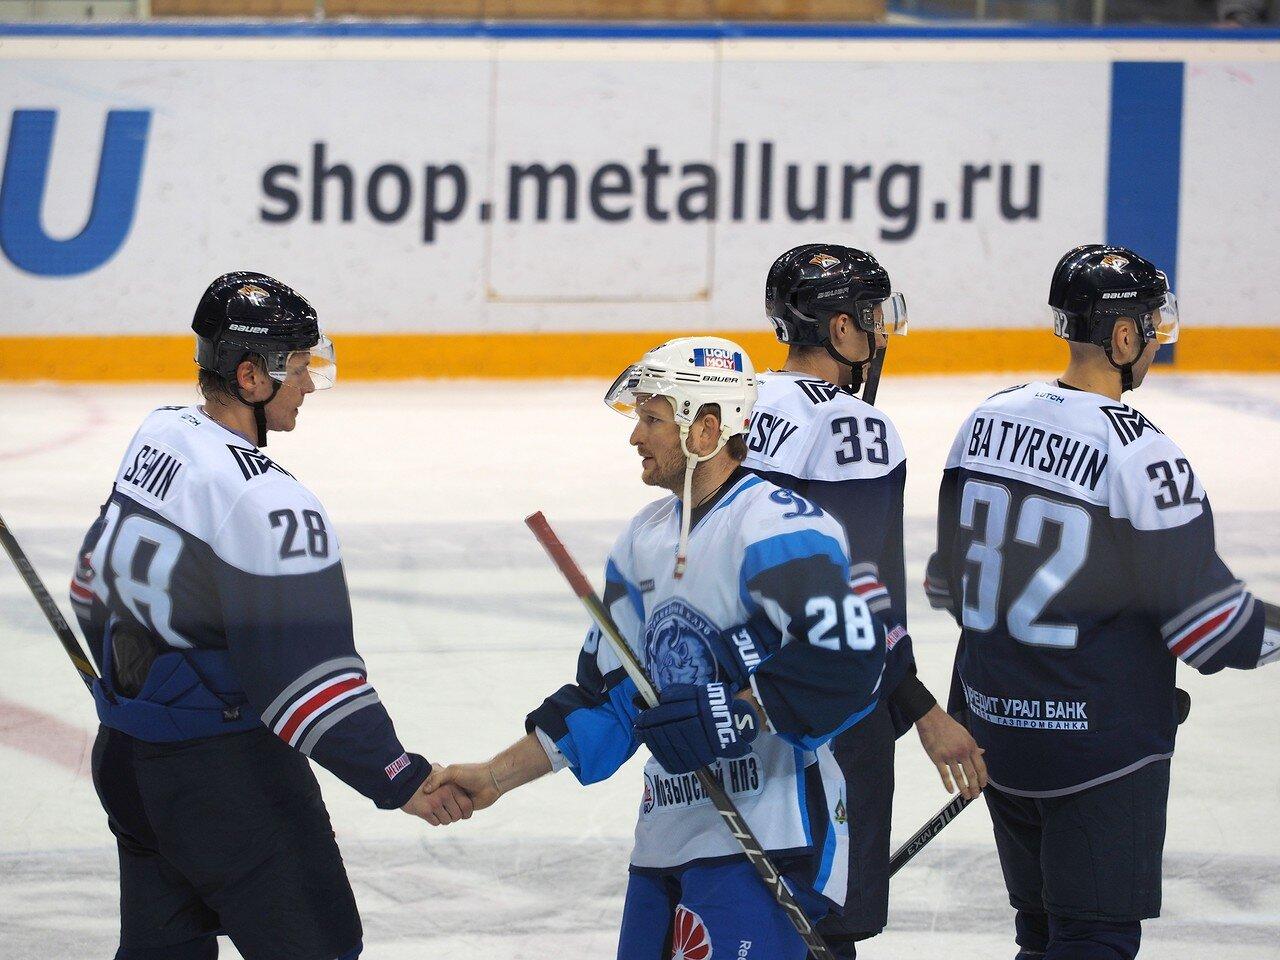 65Металлург - Динамо Минск 13.01.2015